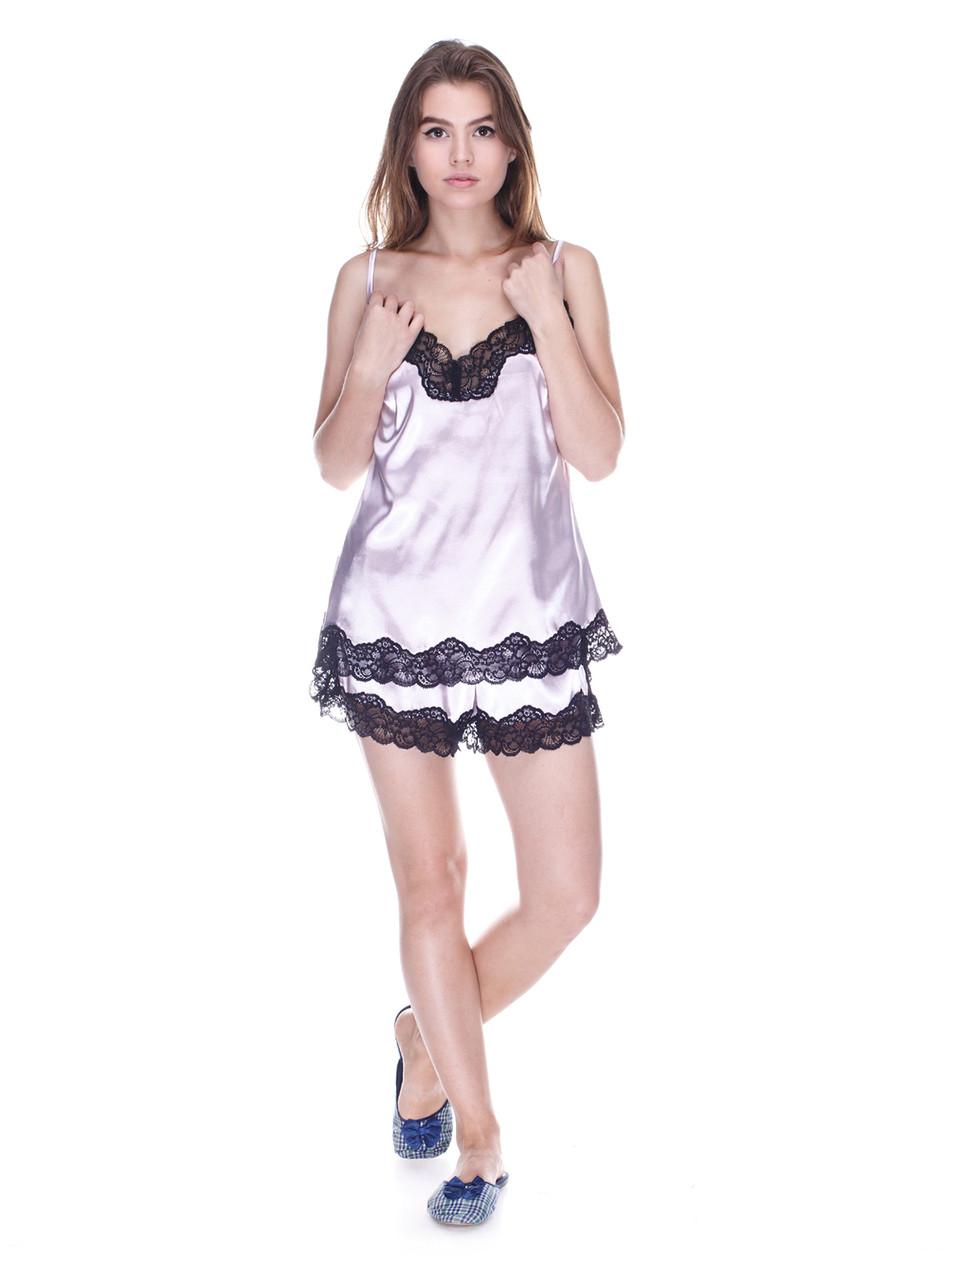 Комплект майка шорты стрейч атлас Serenade палевый с черным кружевом